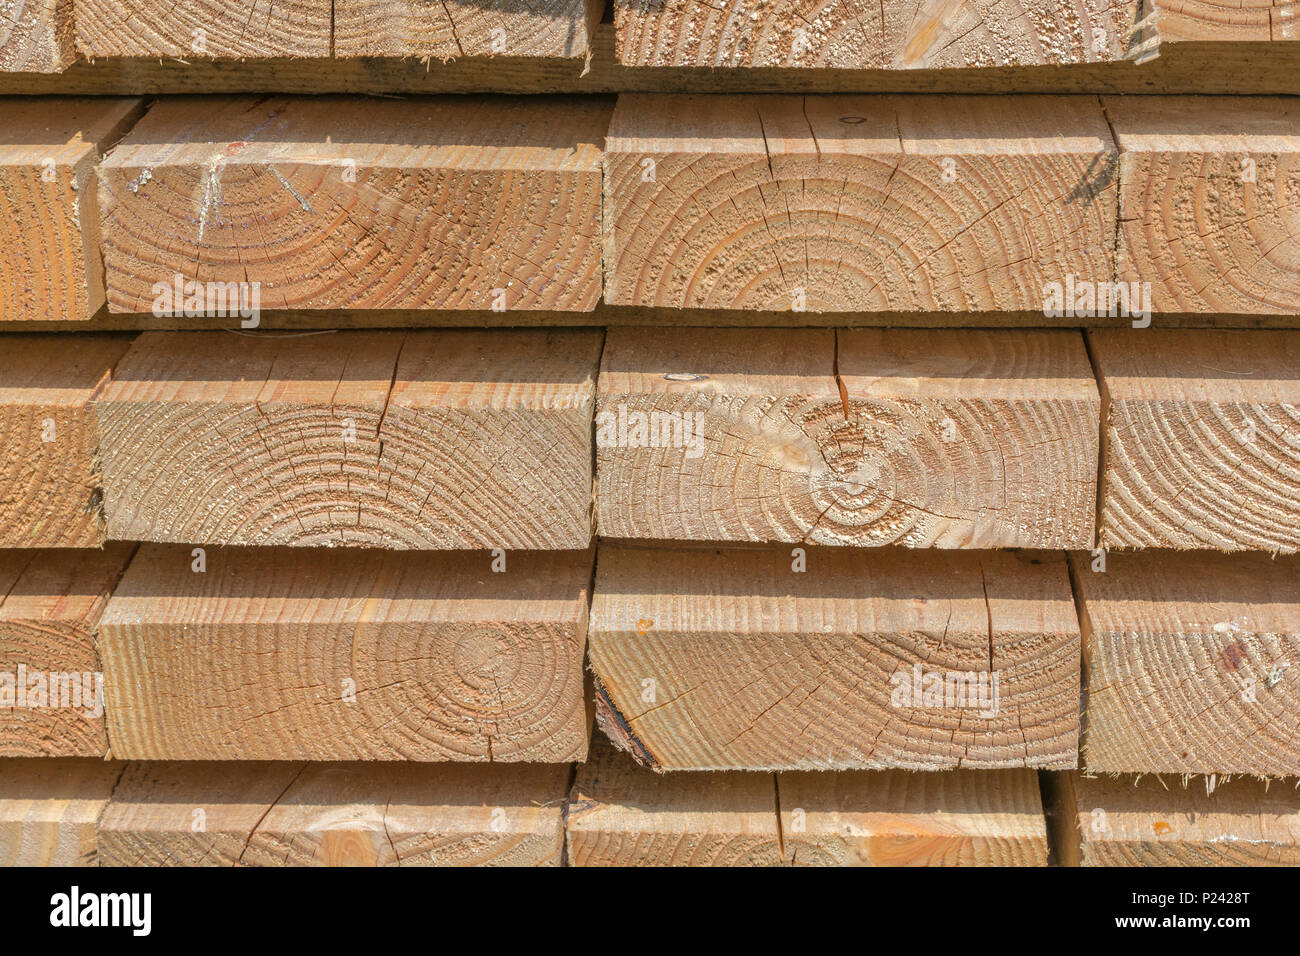 Ordentlich gestapelte Holzbohlen. Stockbild